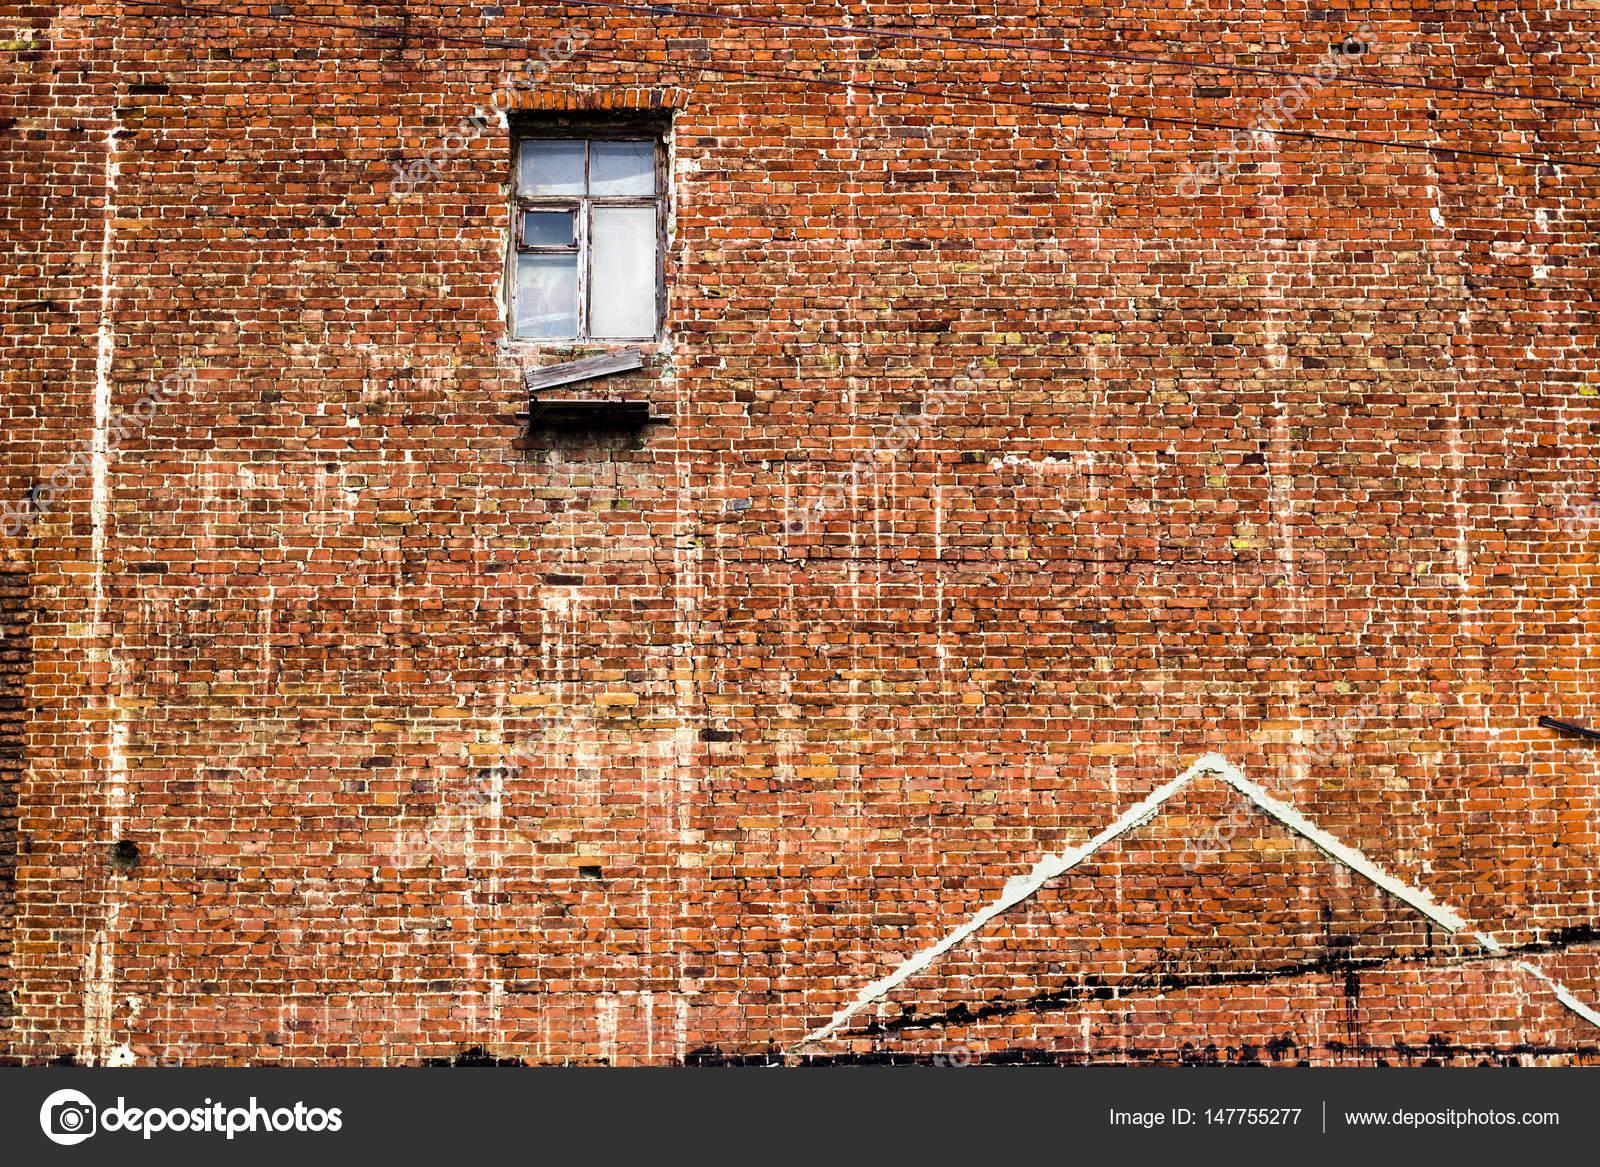 Exceptional Gemauerte Wand Textur Hintergrund Am Tag Mittags Leichte Mit Zerbrochenen  Fenster Für Innere Oder äußere Mauer Bauen Dekoration Textur Hintergrund Zu  ...